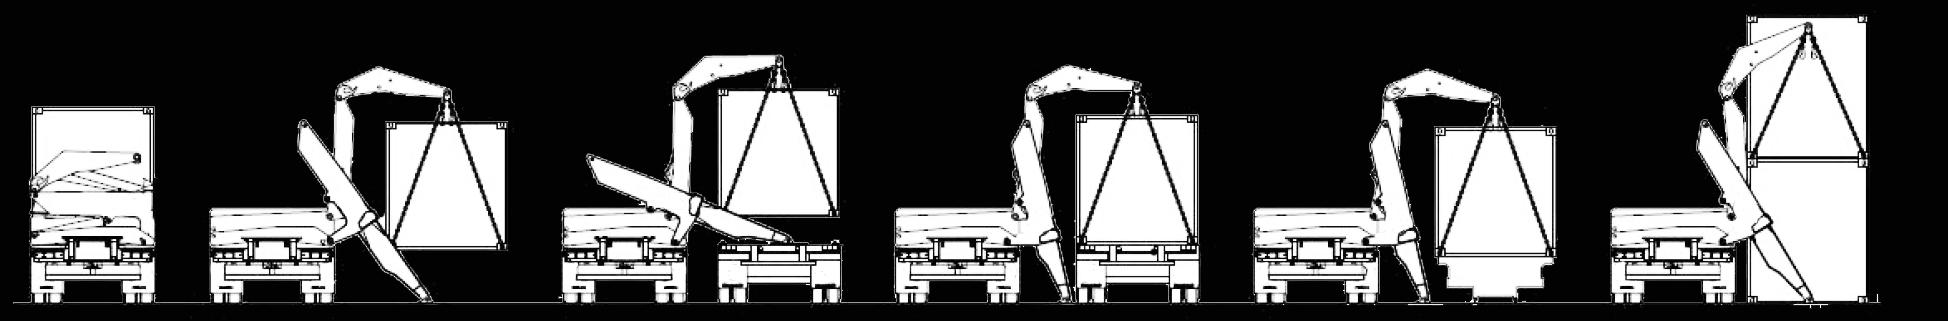 sideloader caricatori di container